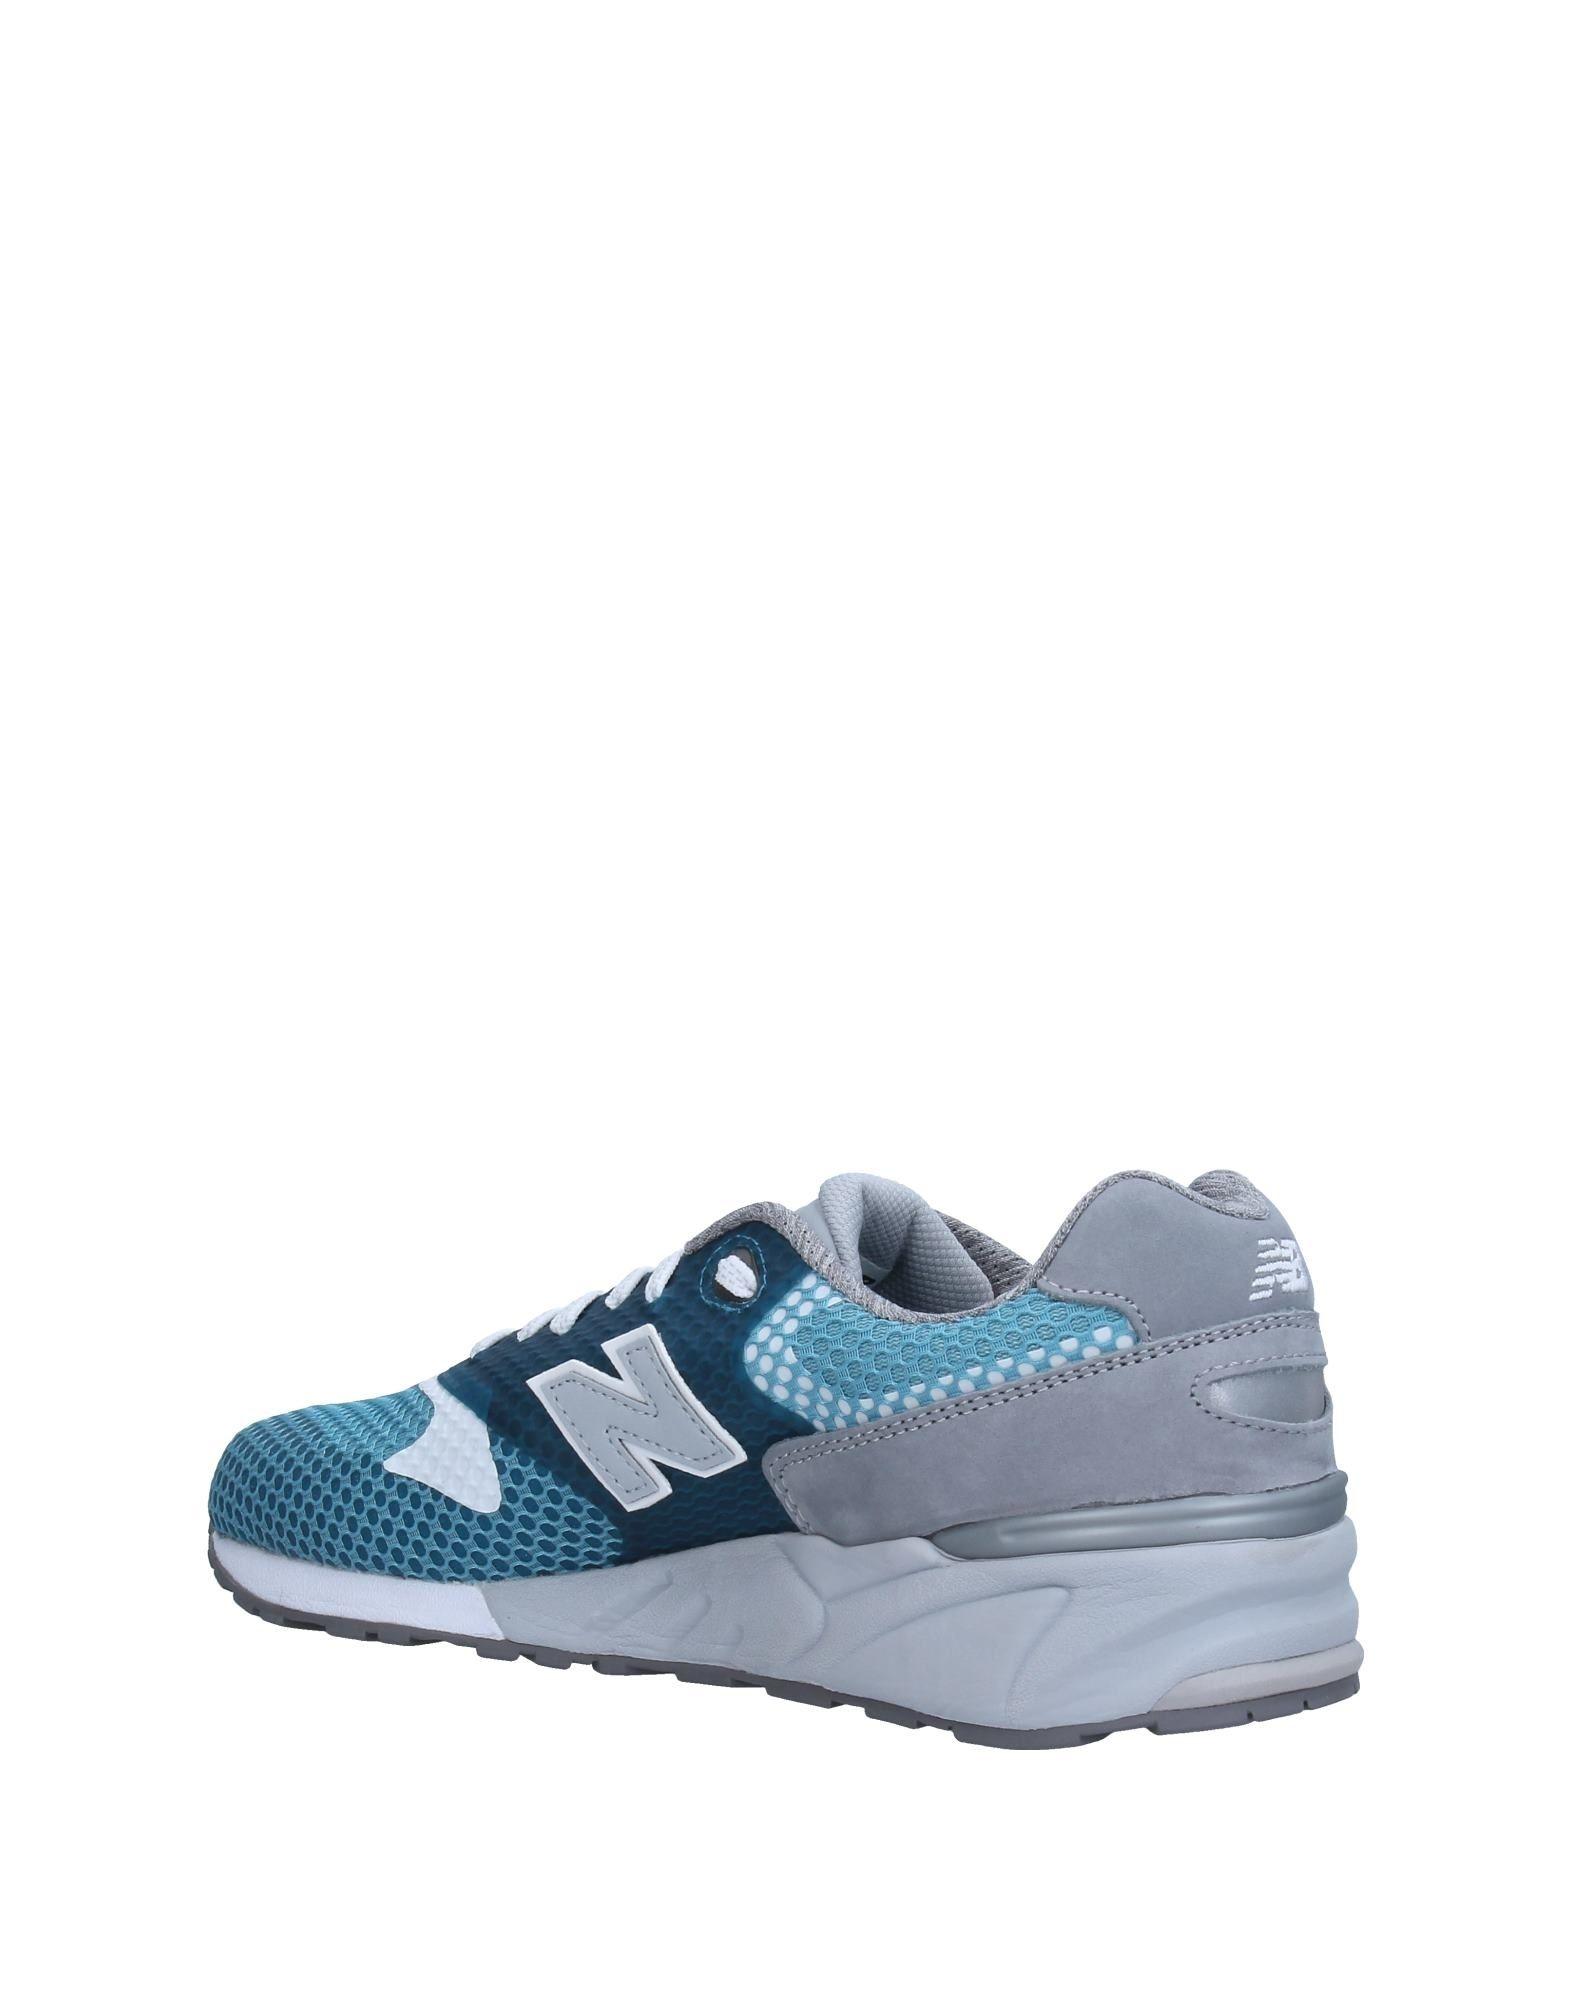 Rabatt echte Herren Schuhe New Balance Sneakers Herren echte  11262511BJ 23b644